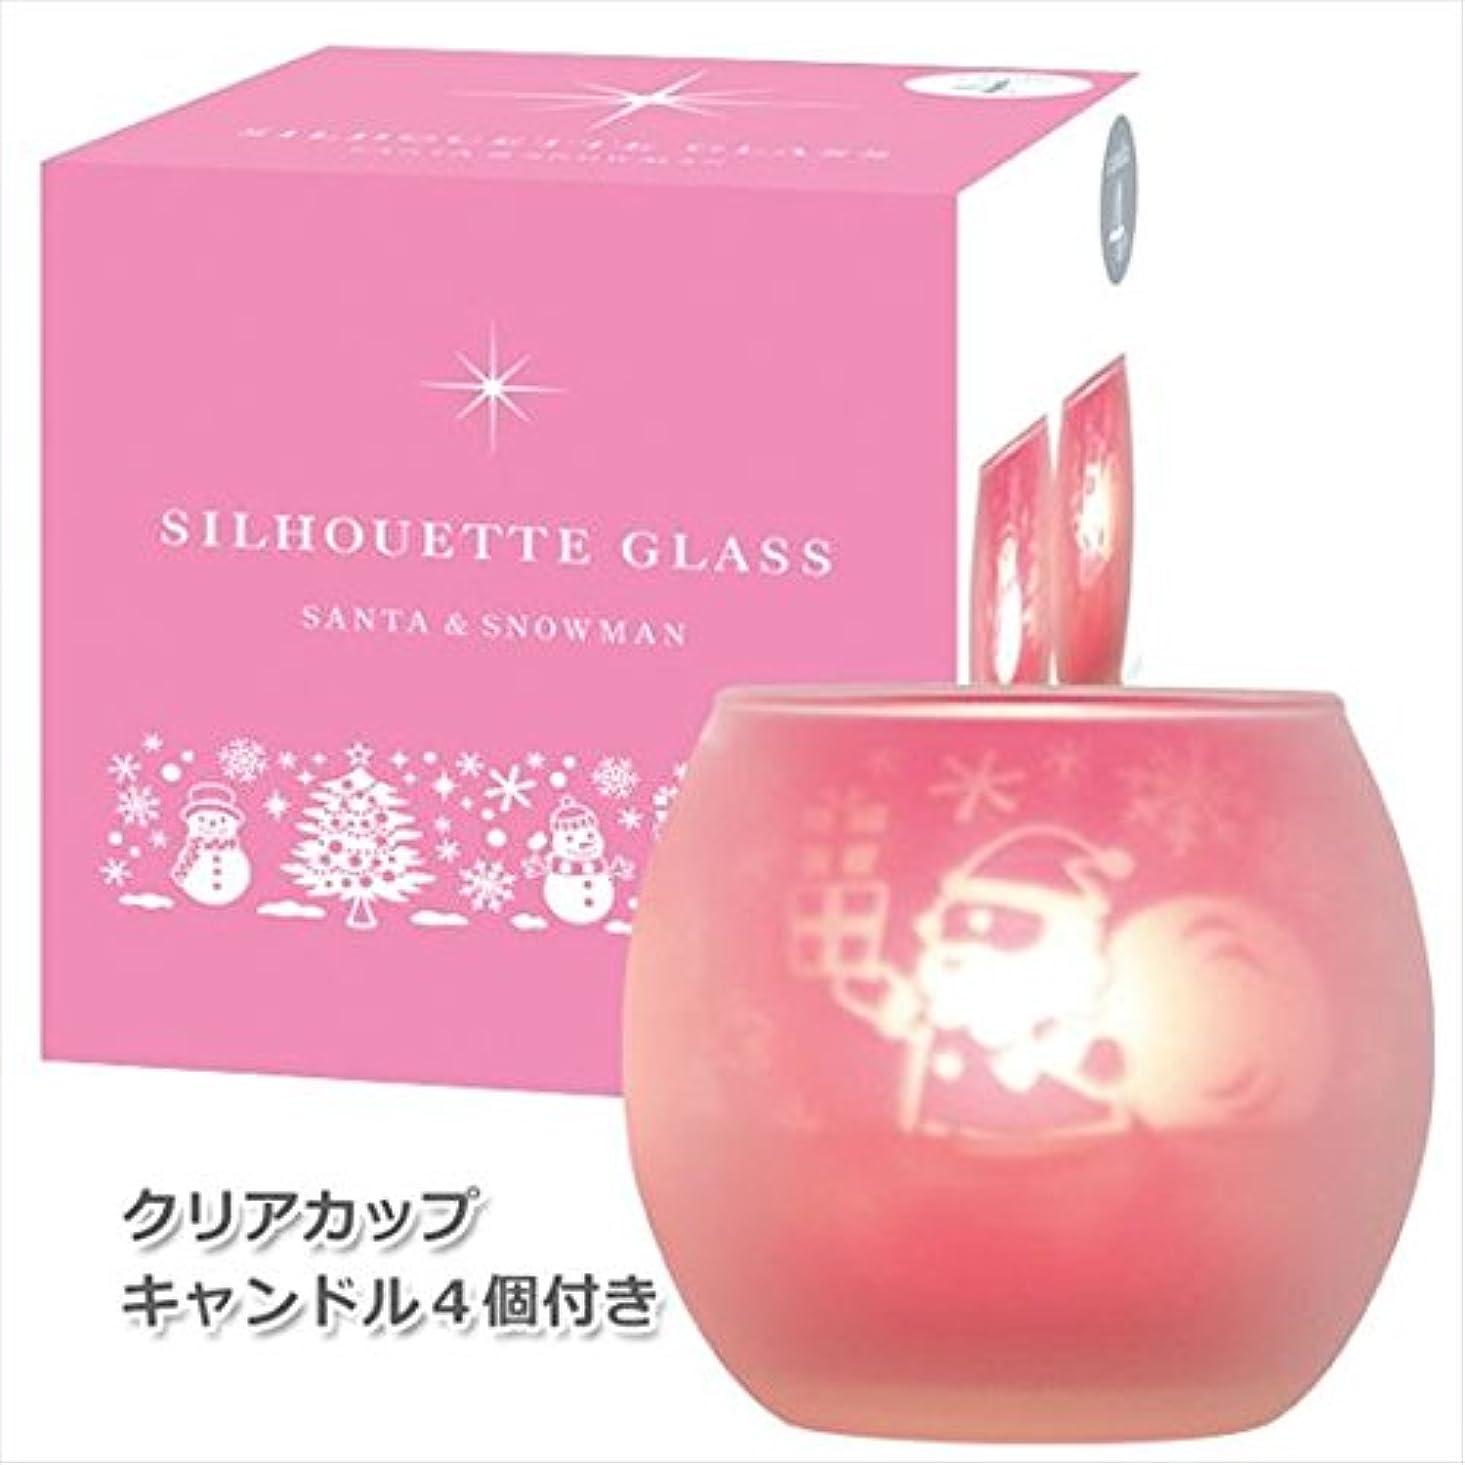 してはいけません必要哲学カメヤマキャンドル(kameyama candle) サンタ&スノーマンシルエットグラス【キャンドル4個付き】